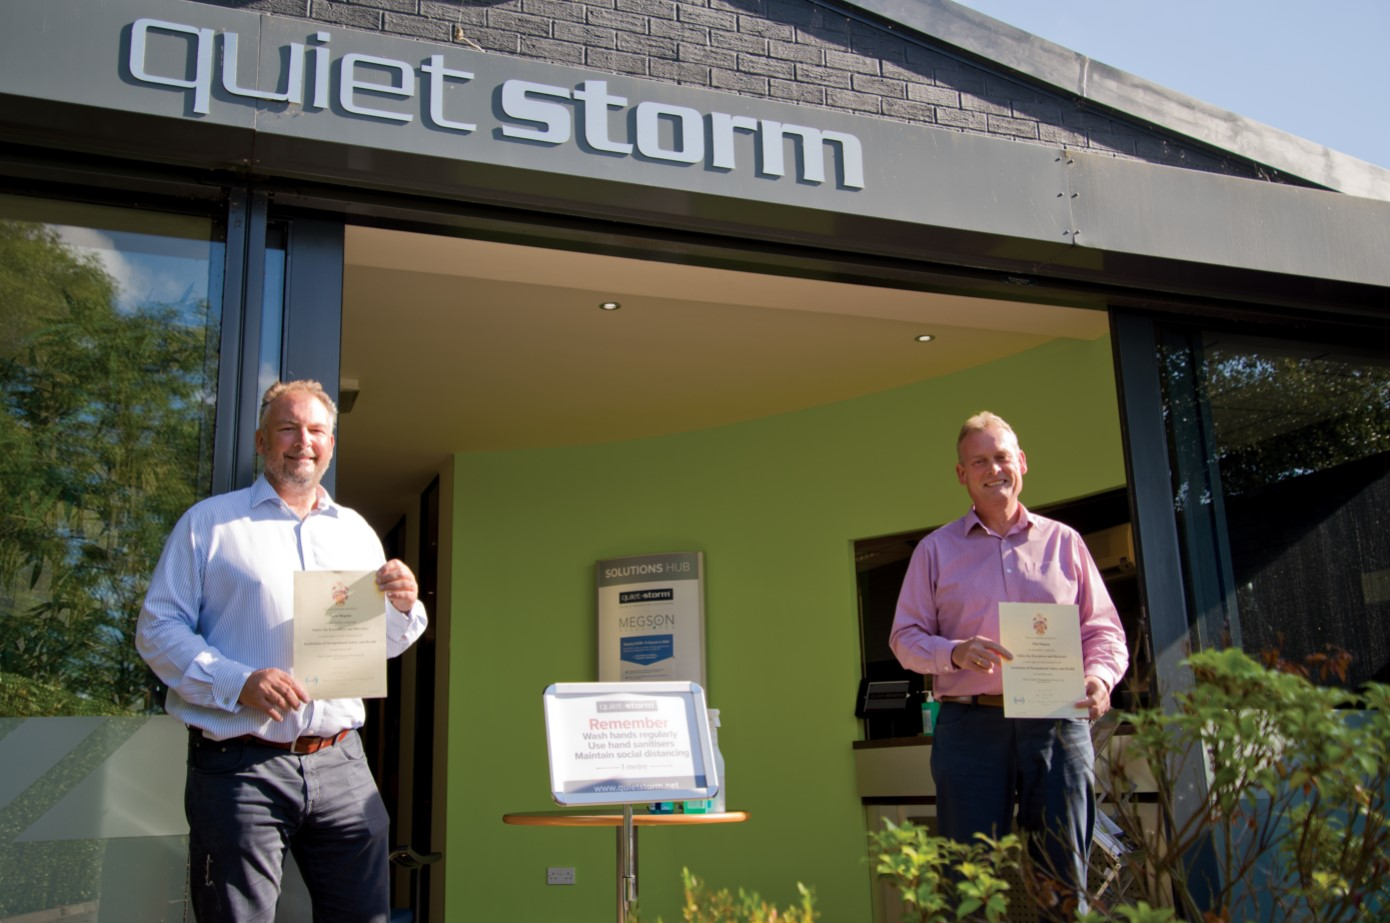 Quiet Storm gears up for studio return